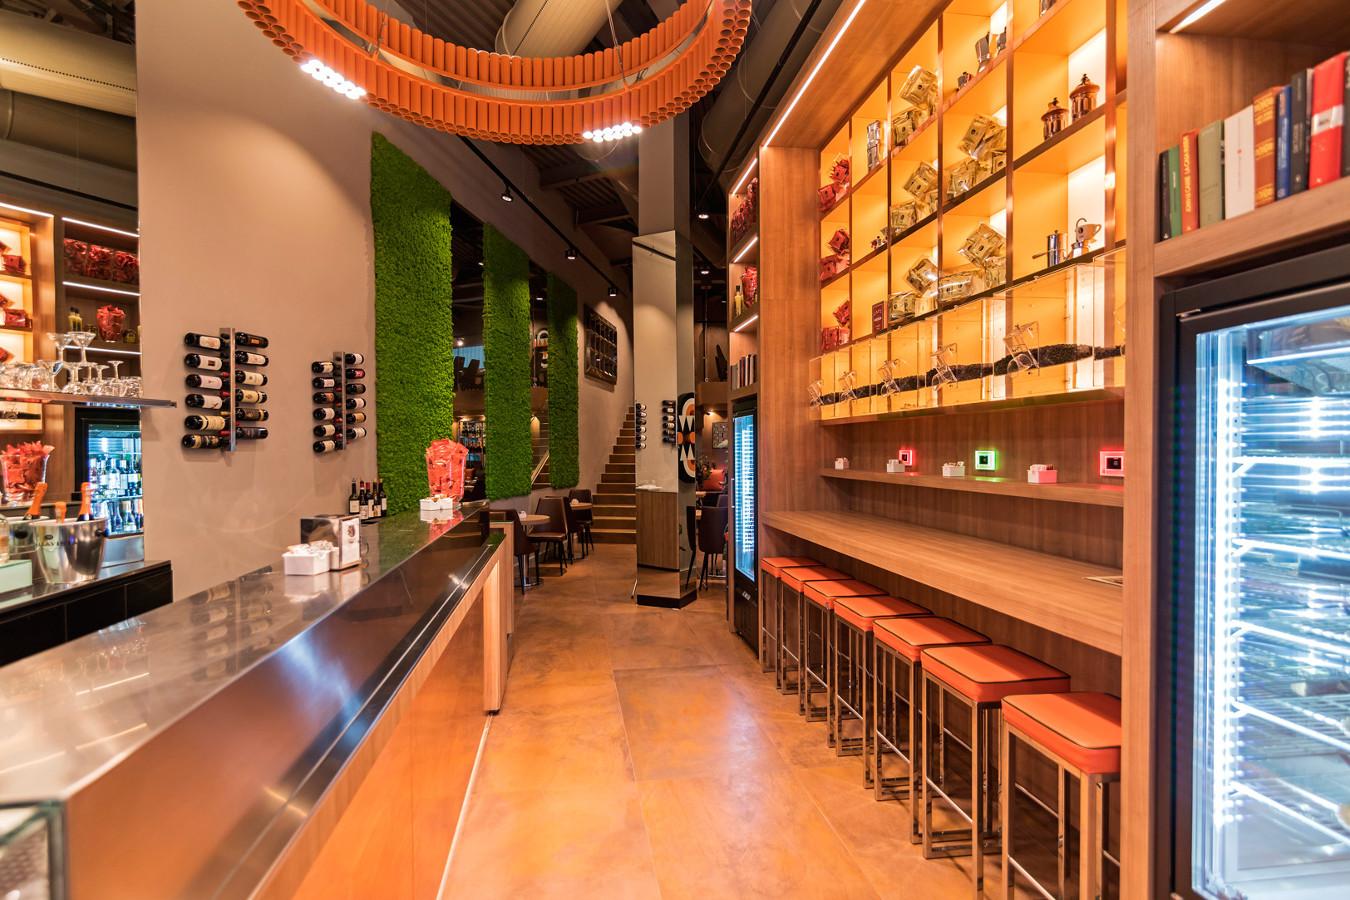 Referenzen bar cafes chicco do mexico for Made in italy arredamenti bertinoro